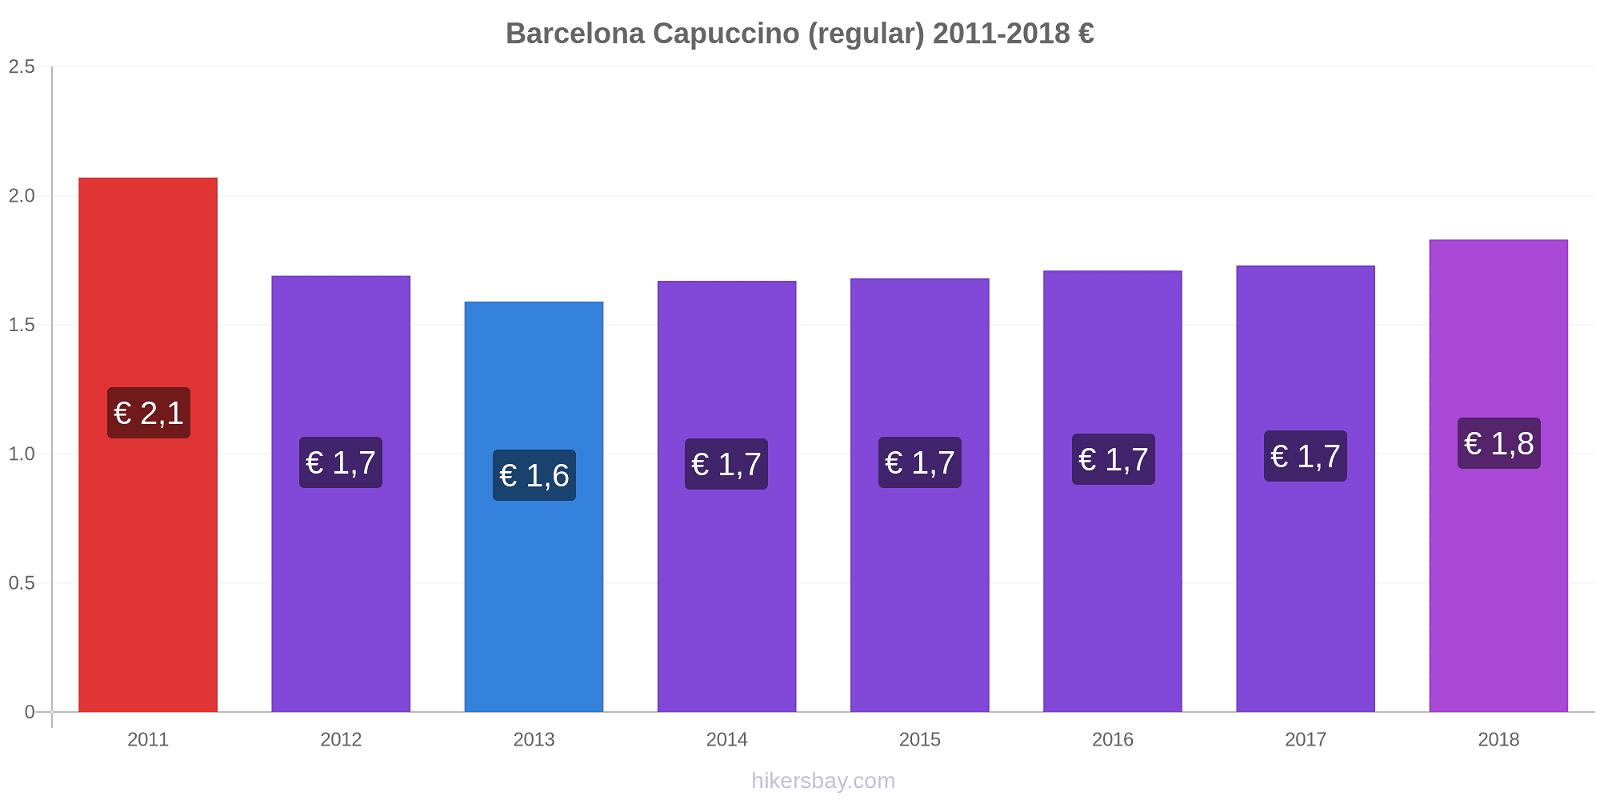 Barcelona variação de preço Capuccino (regular) hikersbay.com